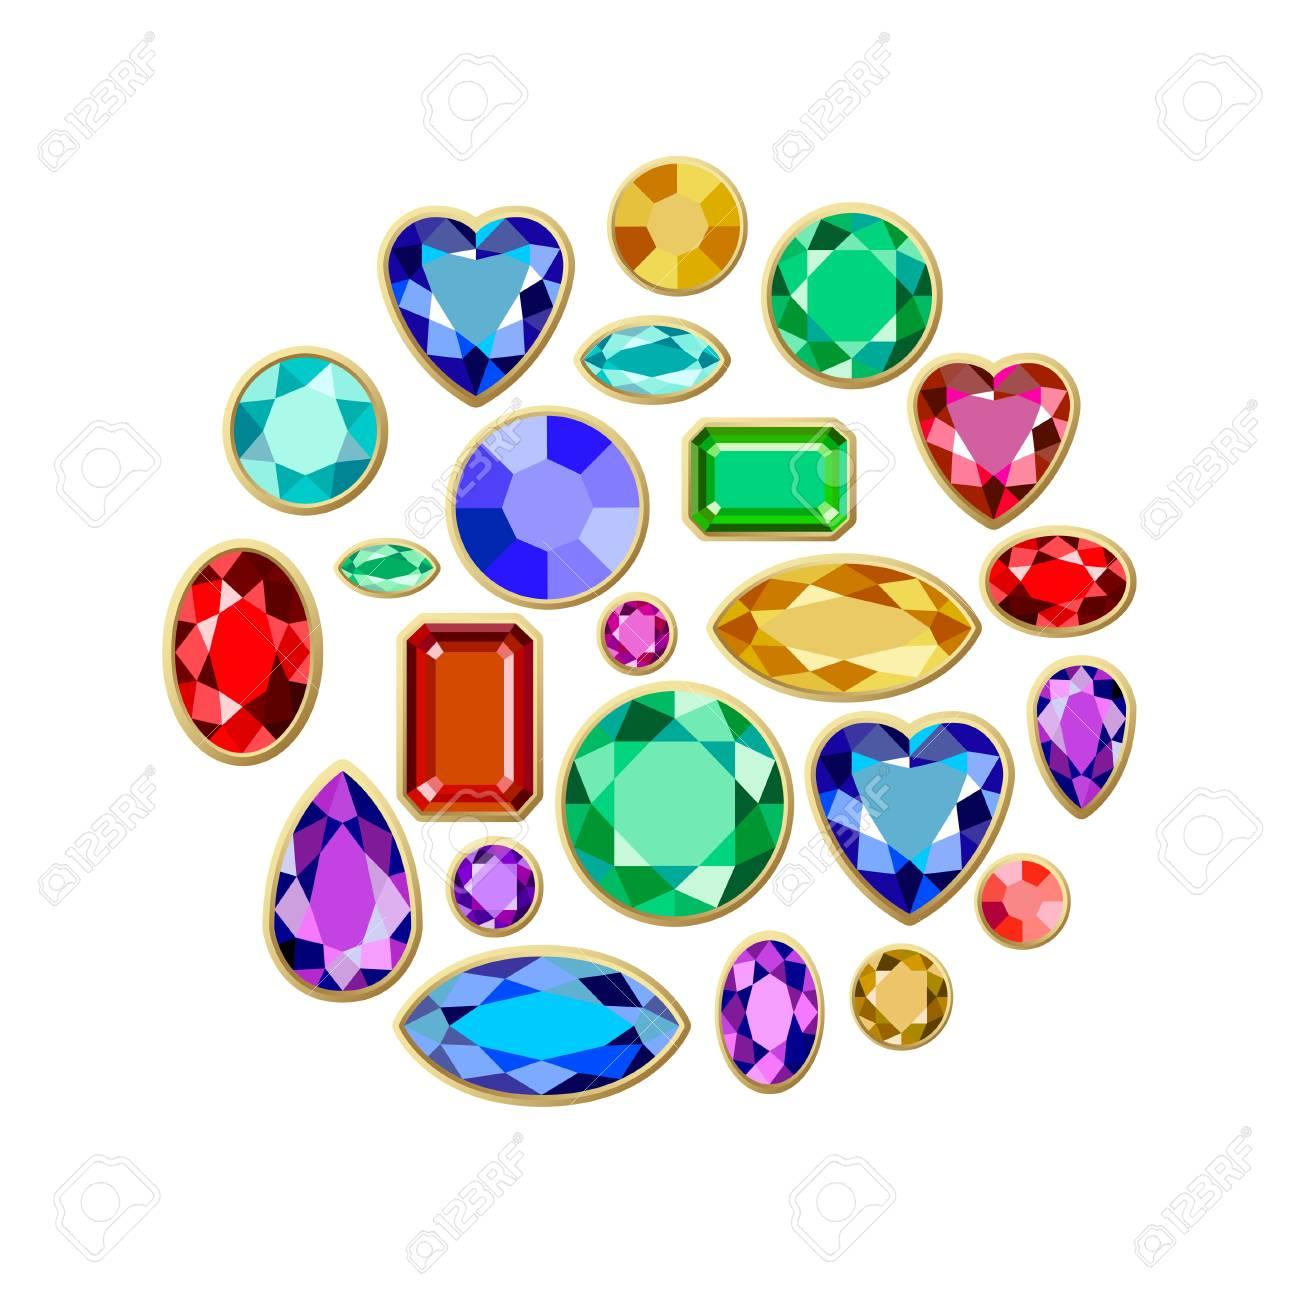 4a22d40526a1 Conjunto de joyas realistas. Piedras preciosas coloridas. Ilustración  vectorial de piedras preciosas